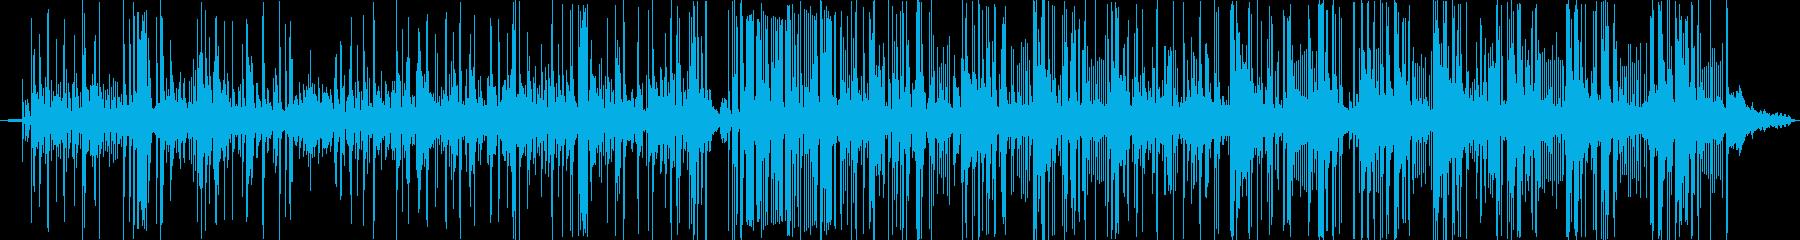 Freeなリズムテクノの再生済みの波形